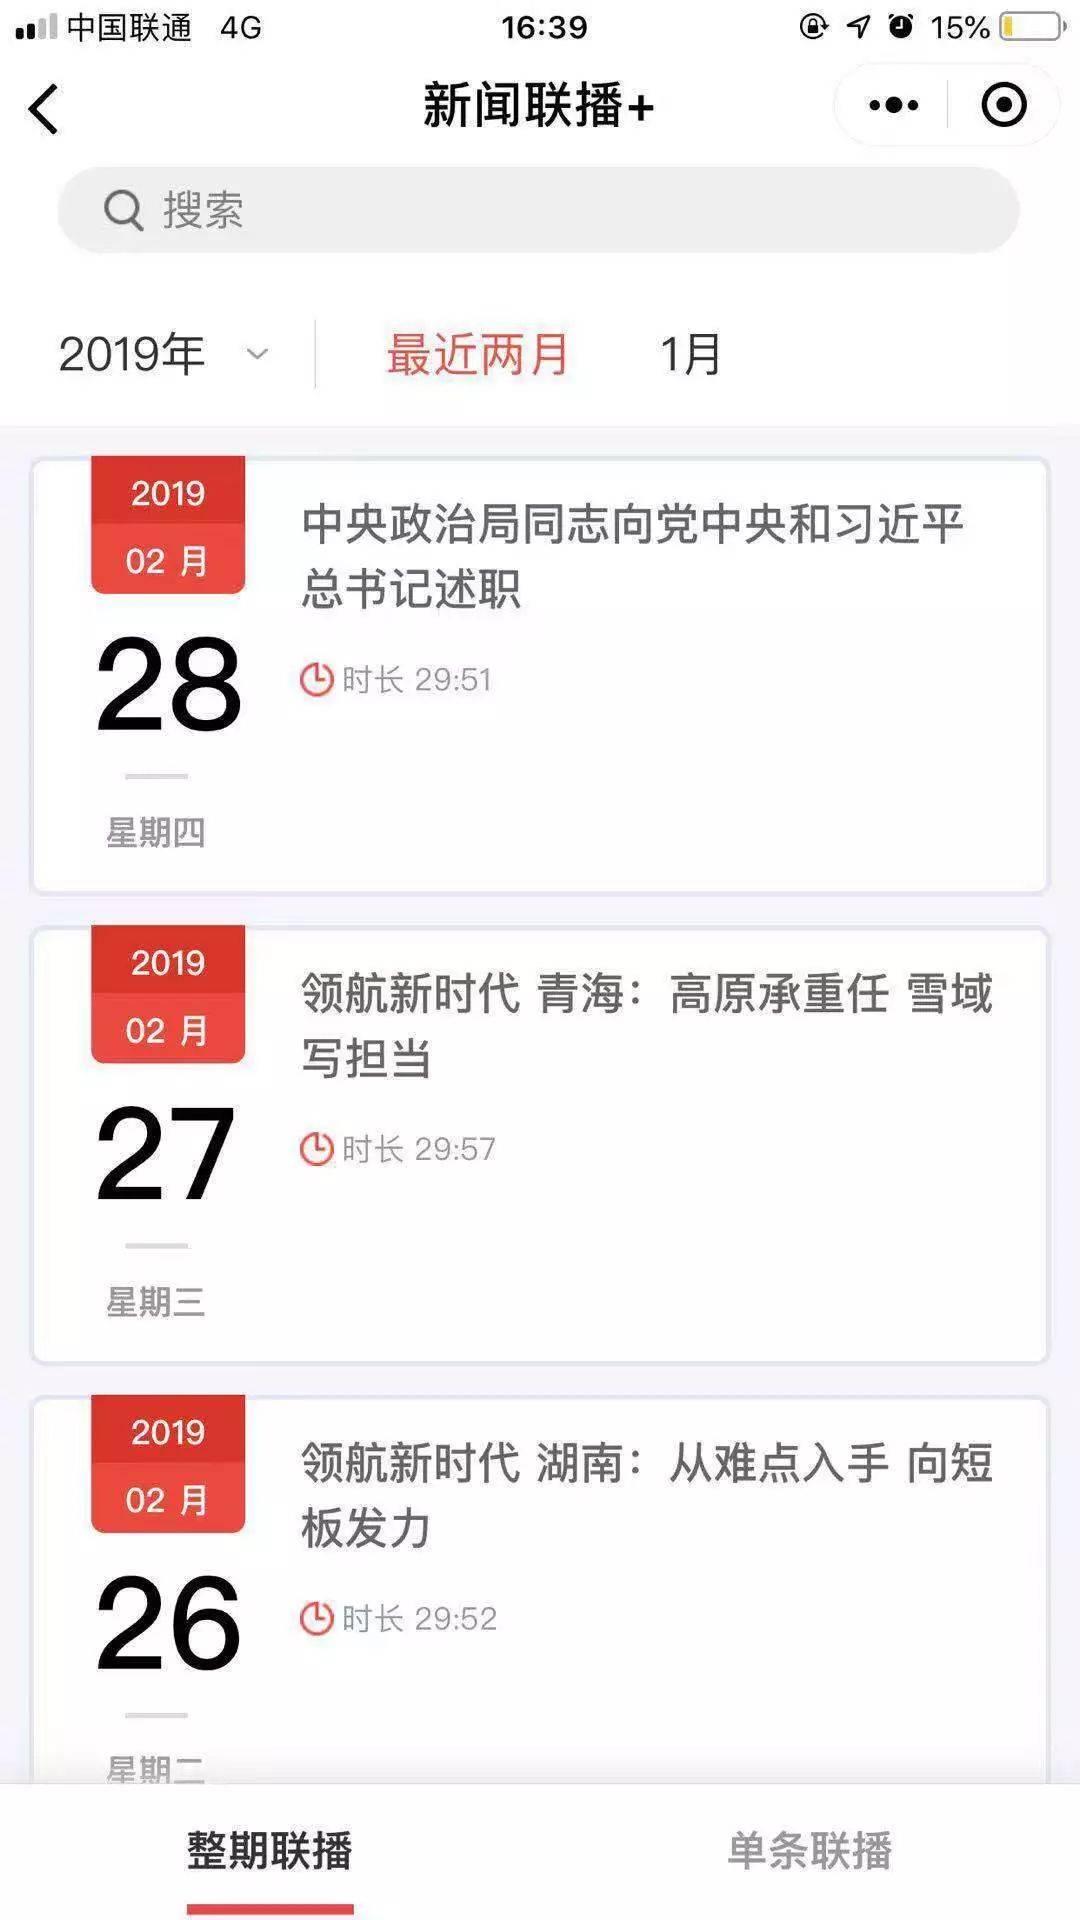 鸟哥笔记,新媒体运营,Ying lian zhang,案例分析,新媒体营销,小程序